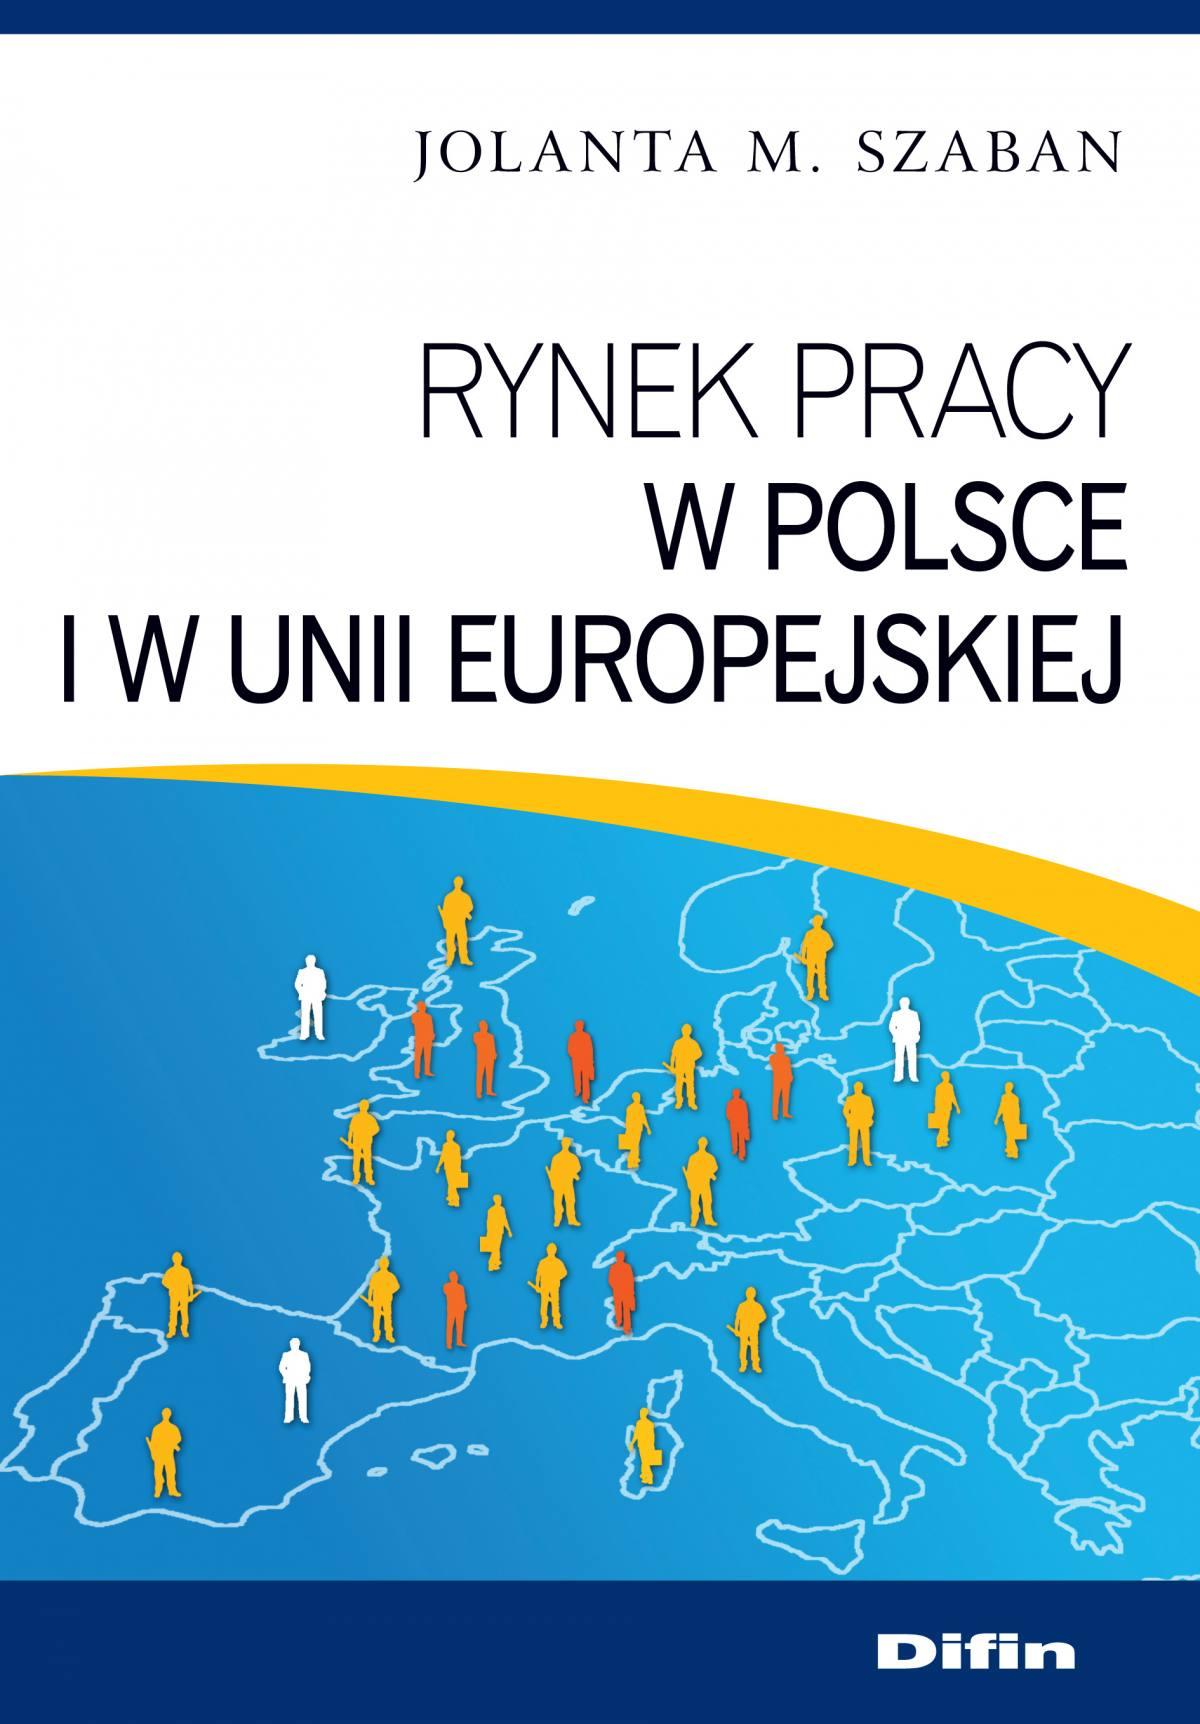 Rynek pracy w Polsce i w Unii Europejskiej - Ebook (Książka na Kindle) do pobrania w formacie MOBI